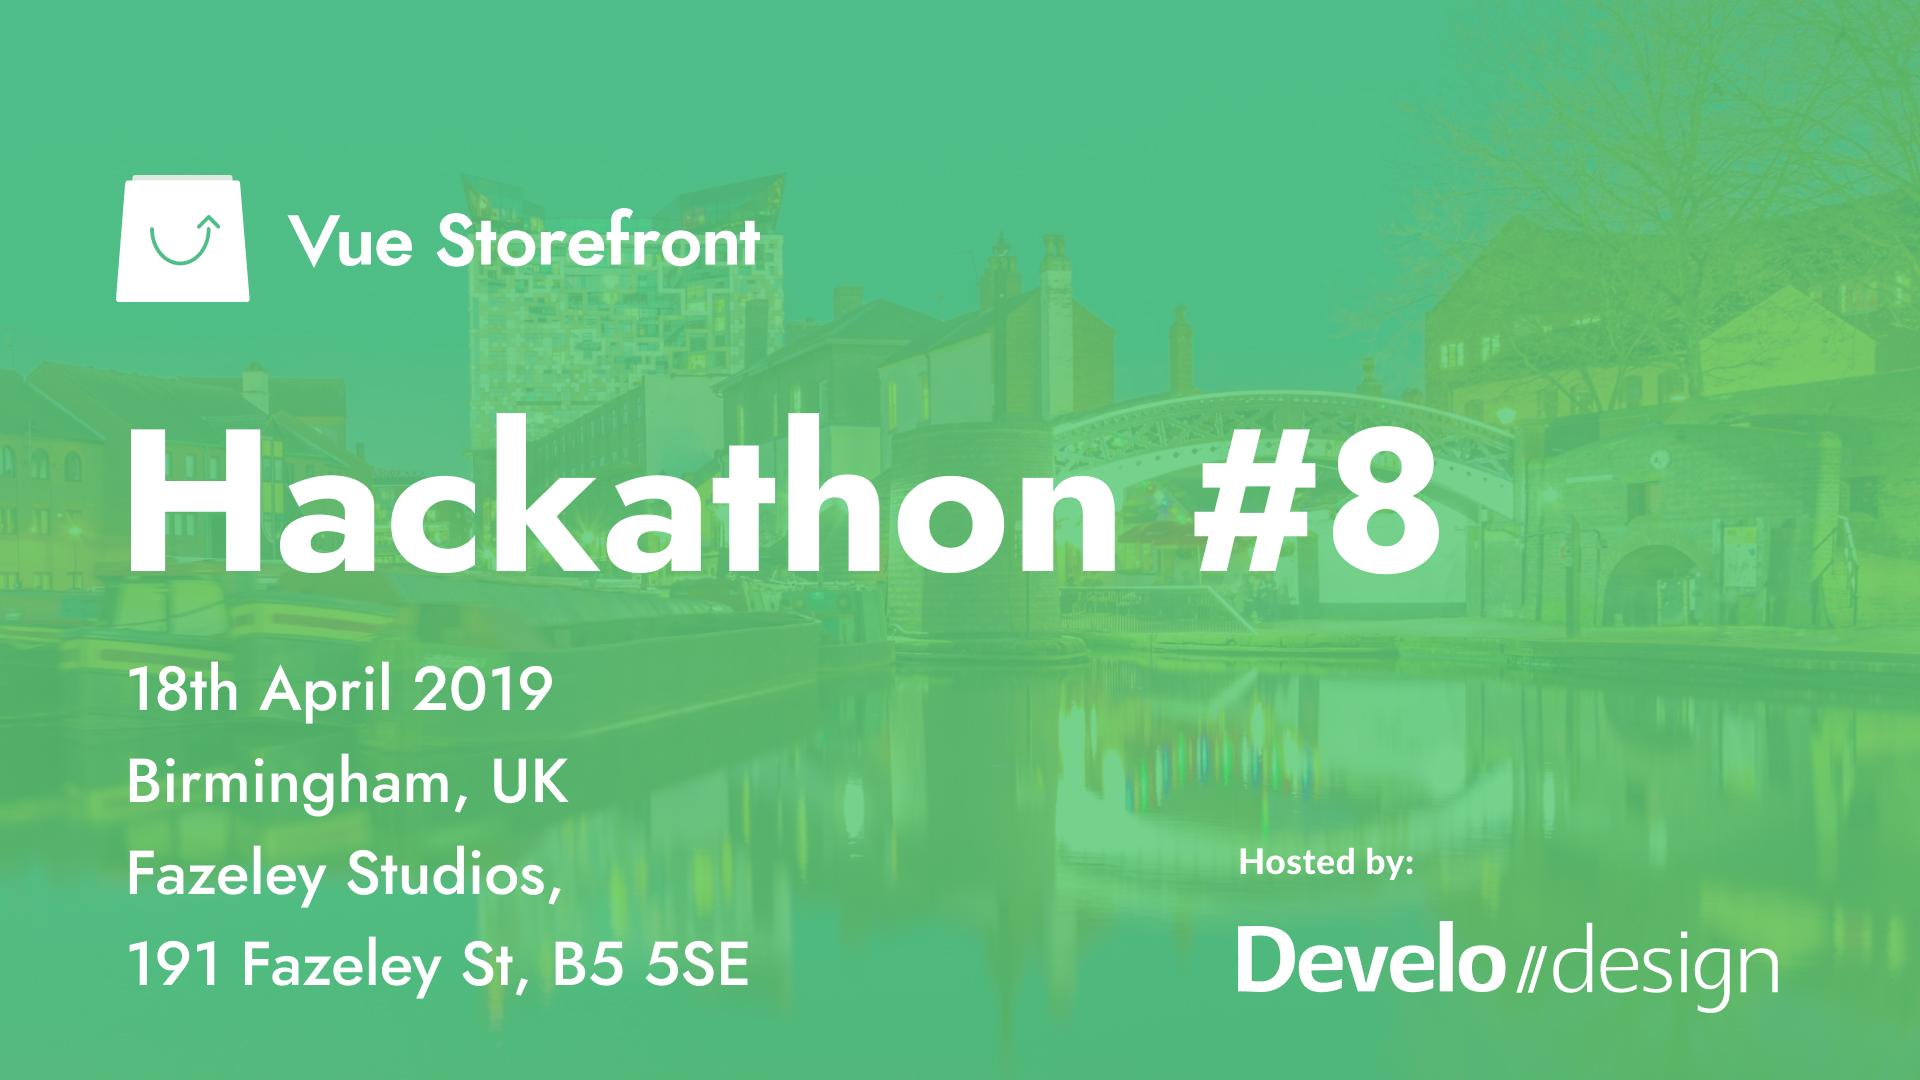 Vue Storefront Hackathon #8